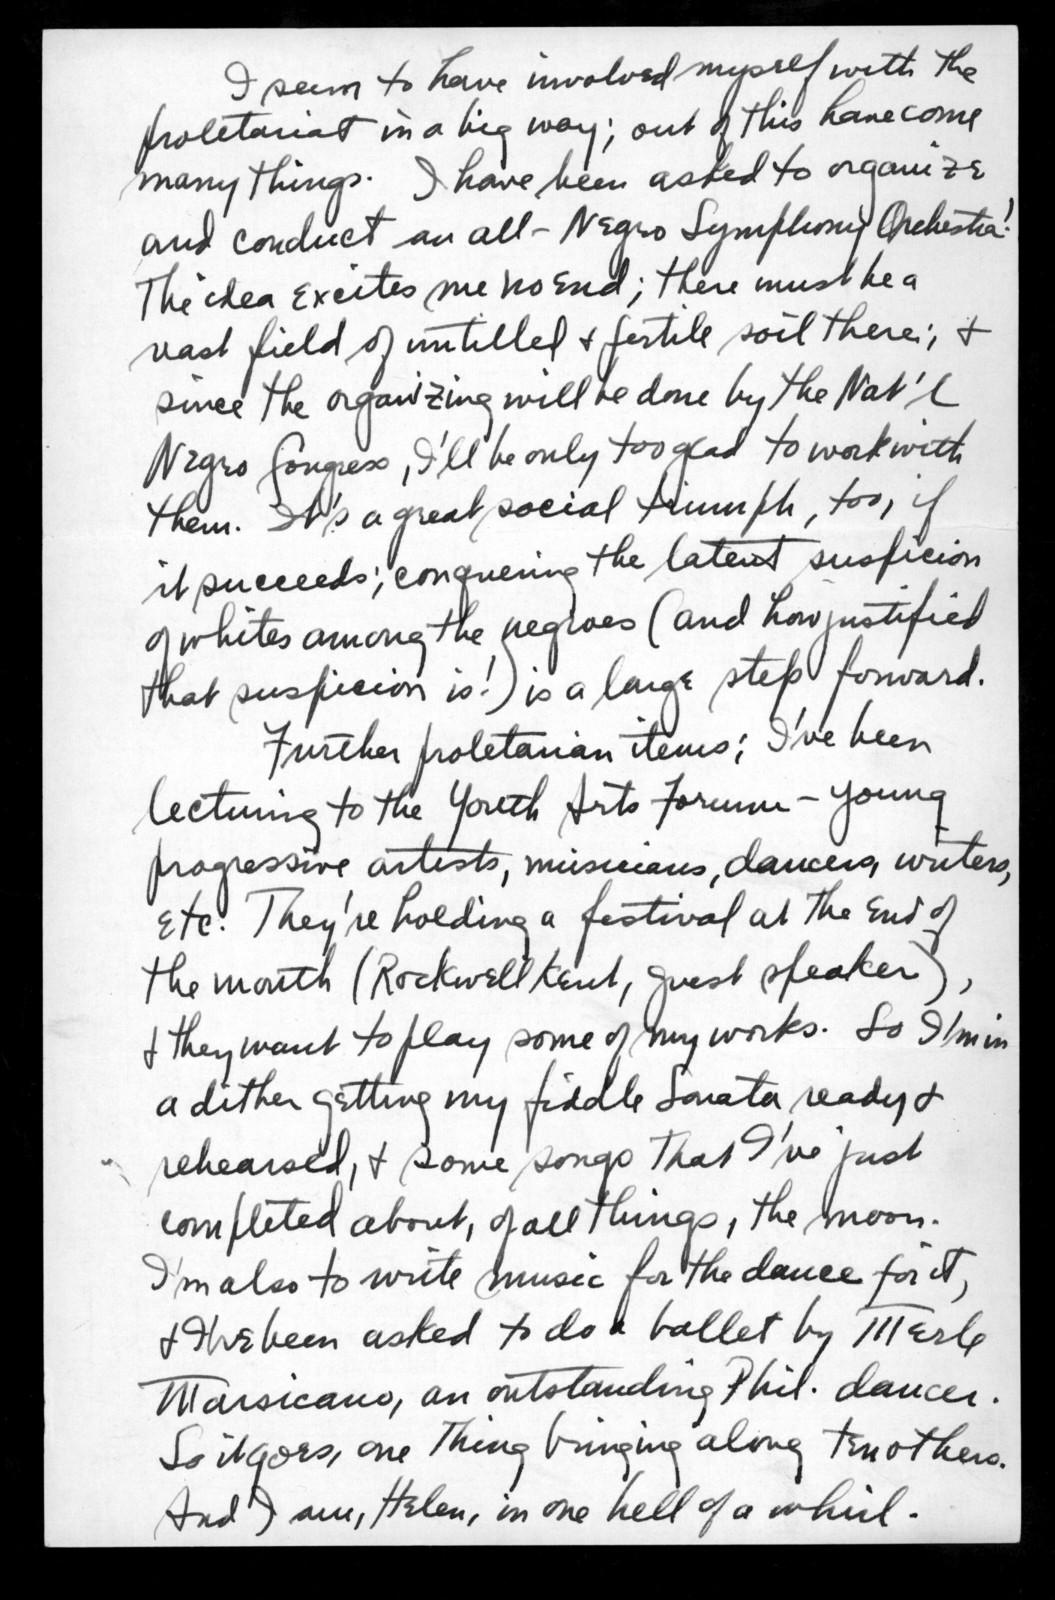 Letter from Leonard Bernstein to Helen Coates, November 11, 1940